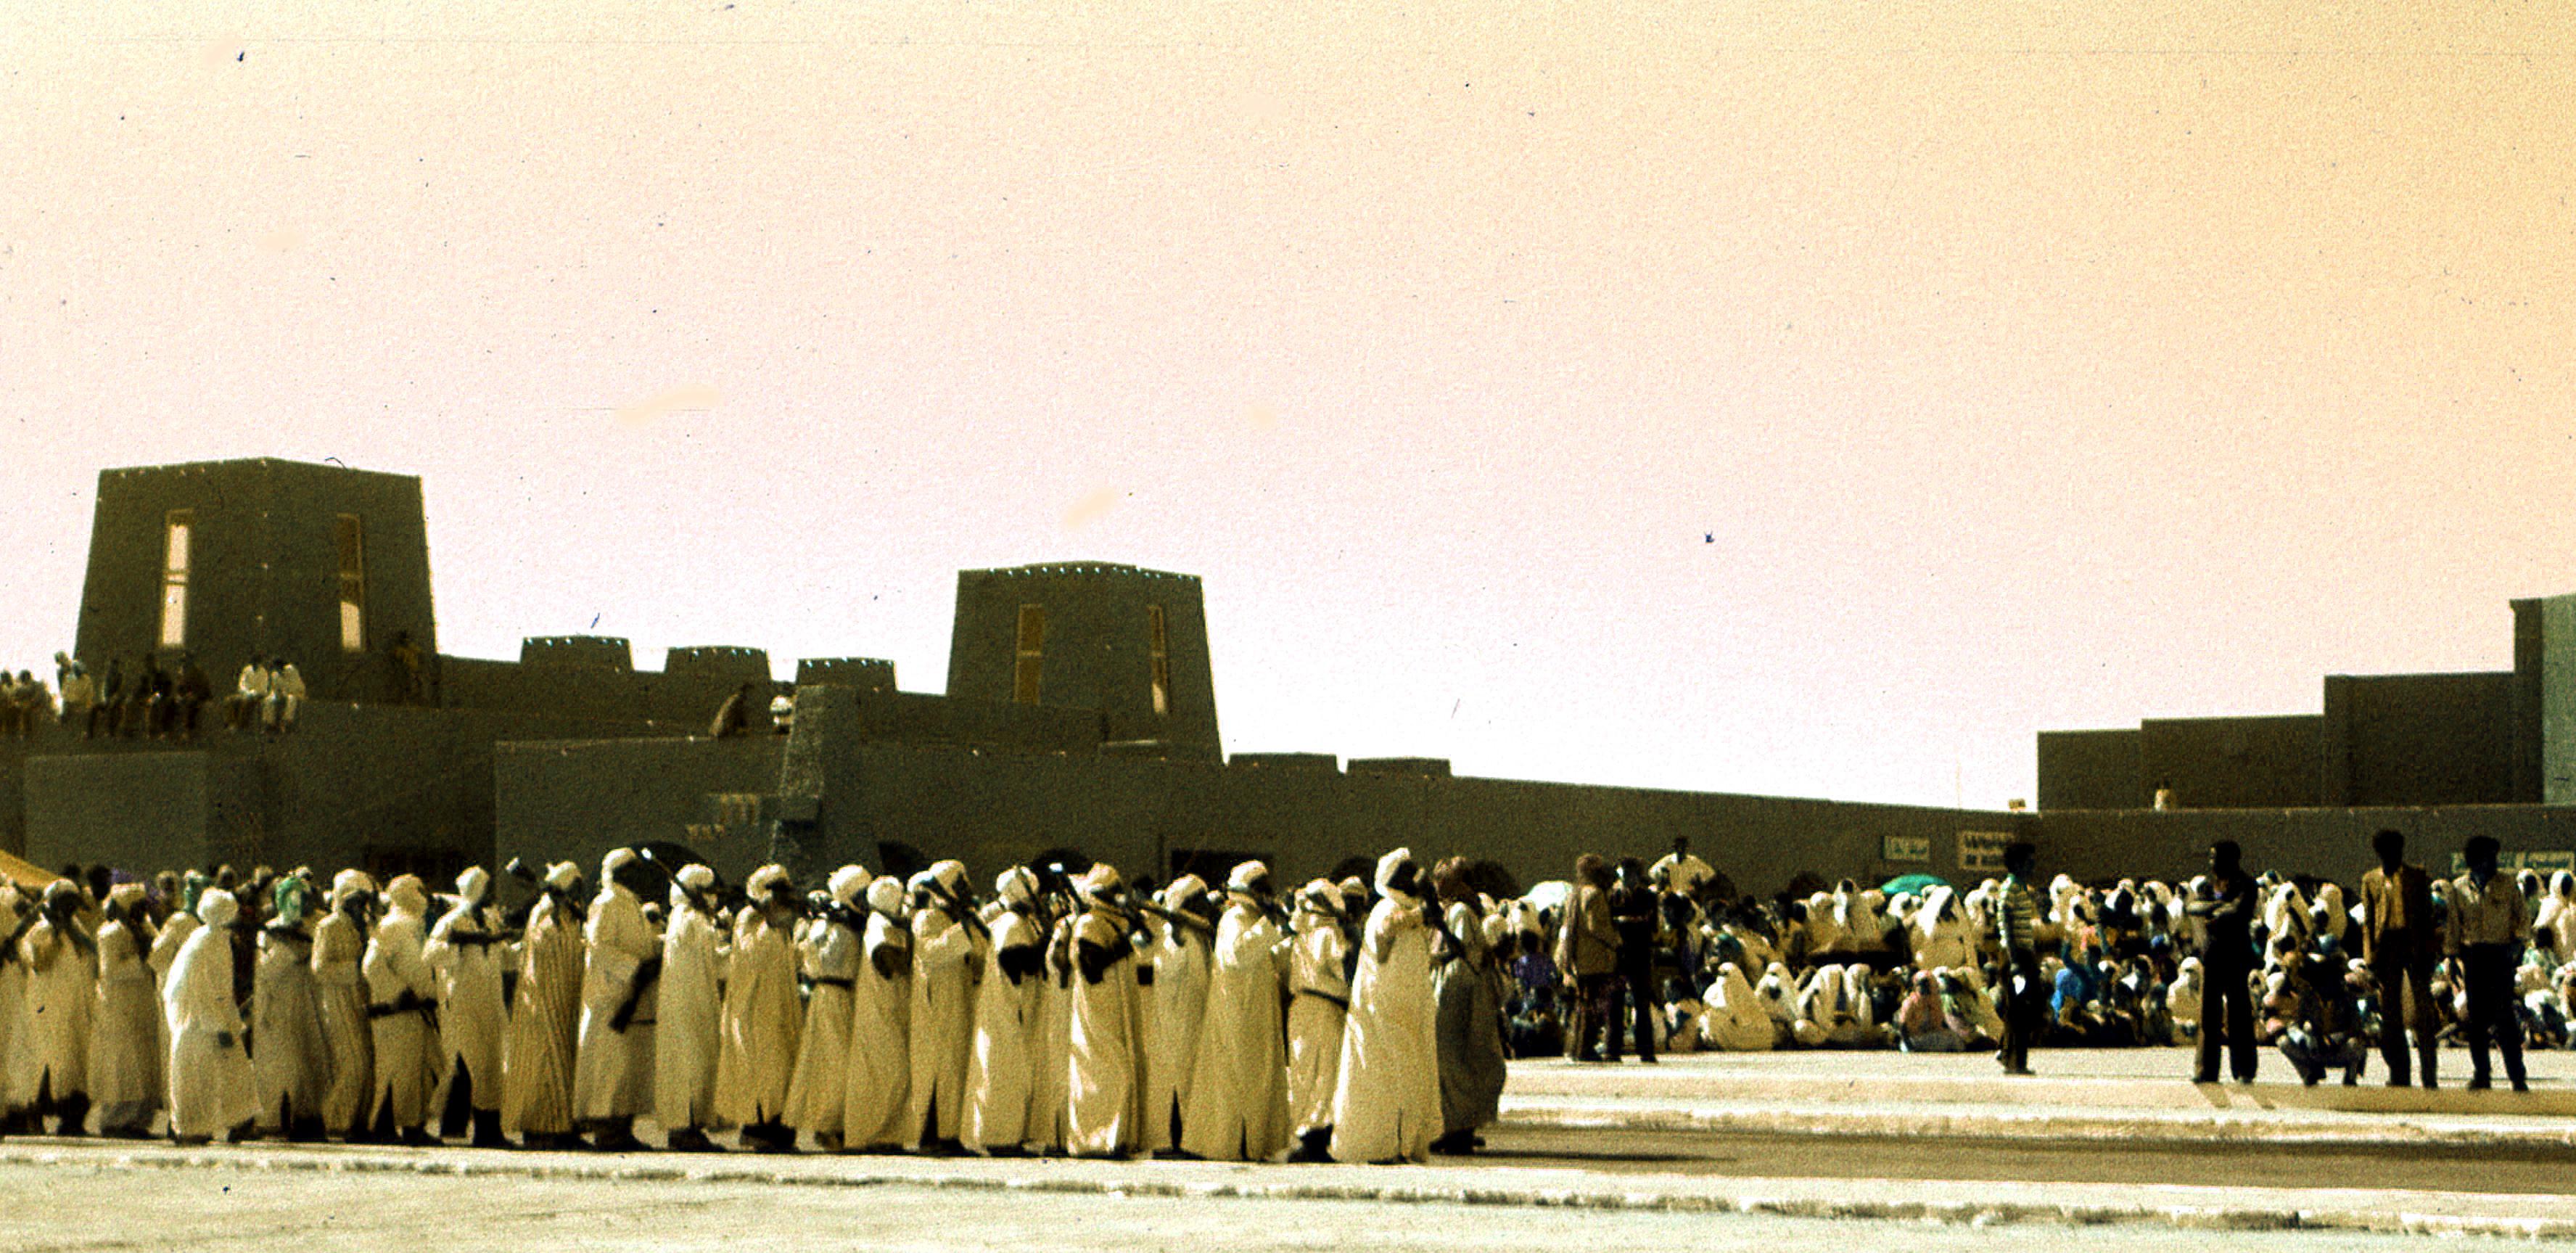 Ksar du Touat, Algerie